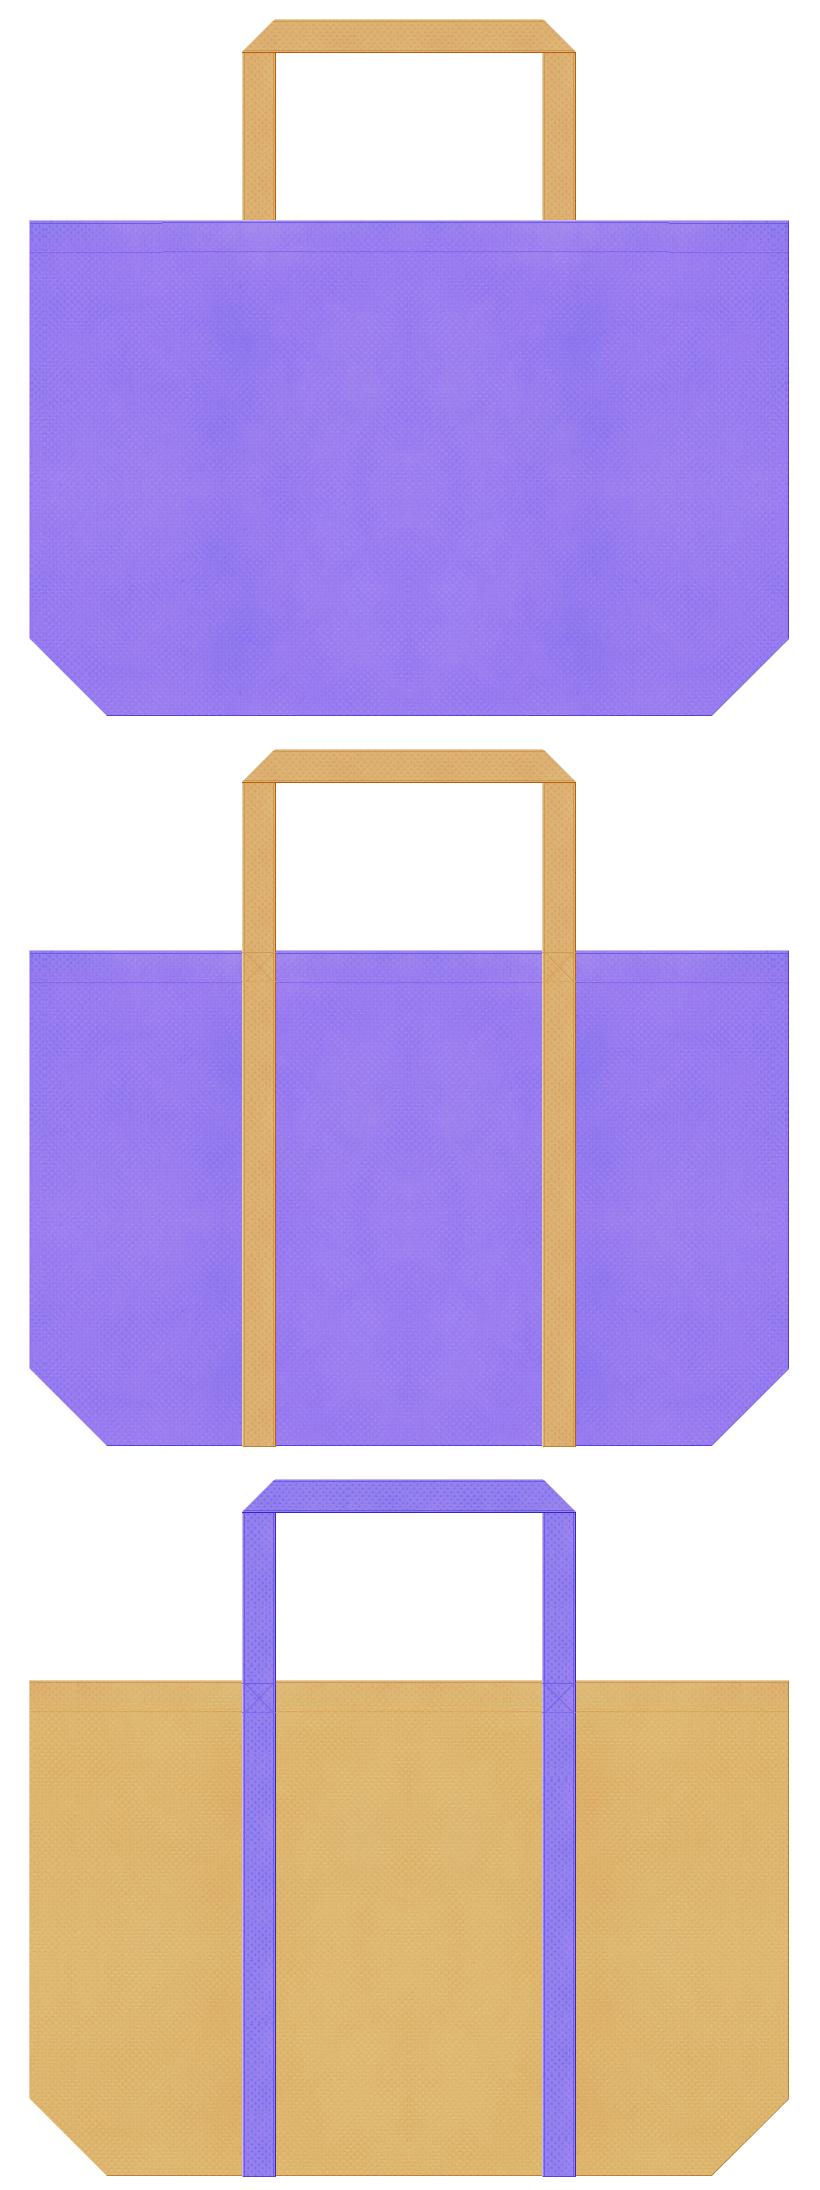 薄紫色と薄黄土色の不織布ショッピングバッグデザイン。